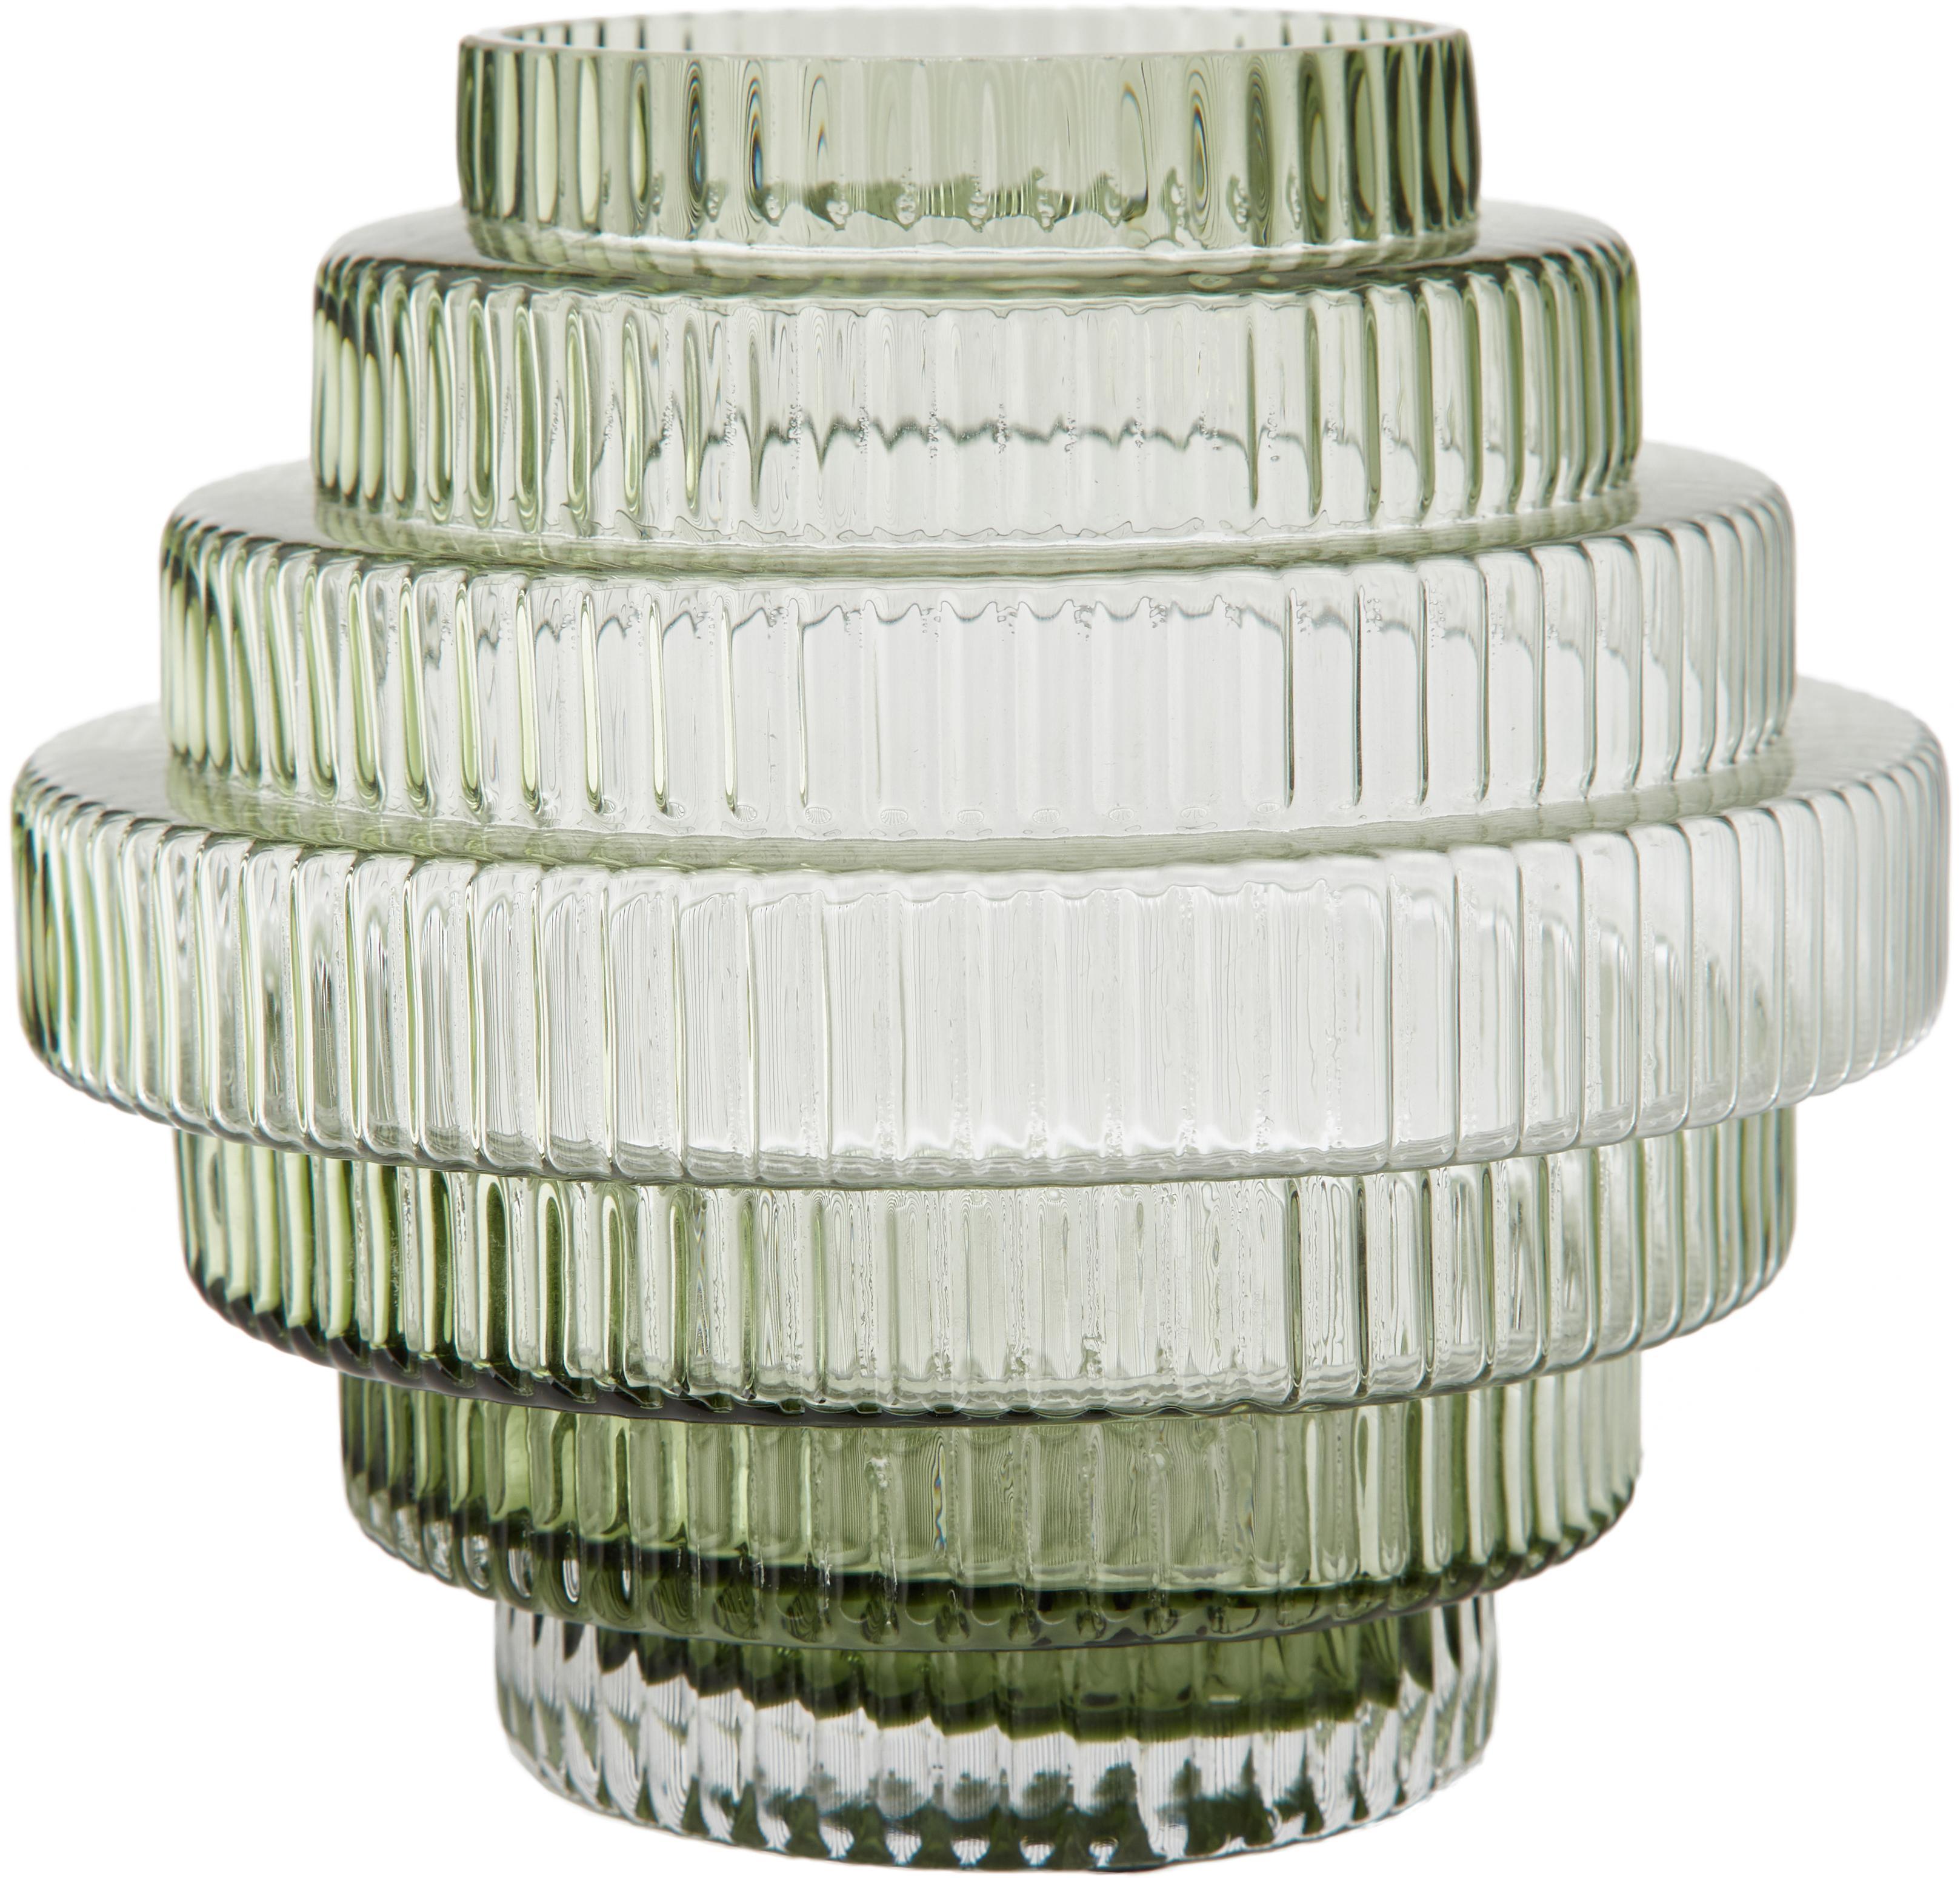 Vaso in vetro trasparente con riflessi verdi Rilla, Vetro, Verde, Ø 16 x Alt. 16 cm